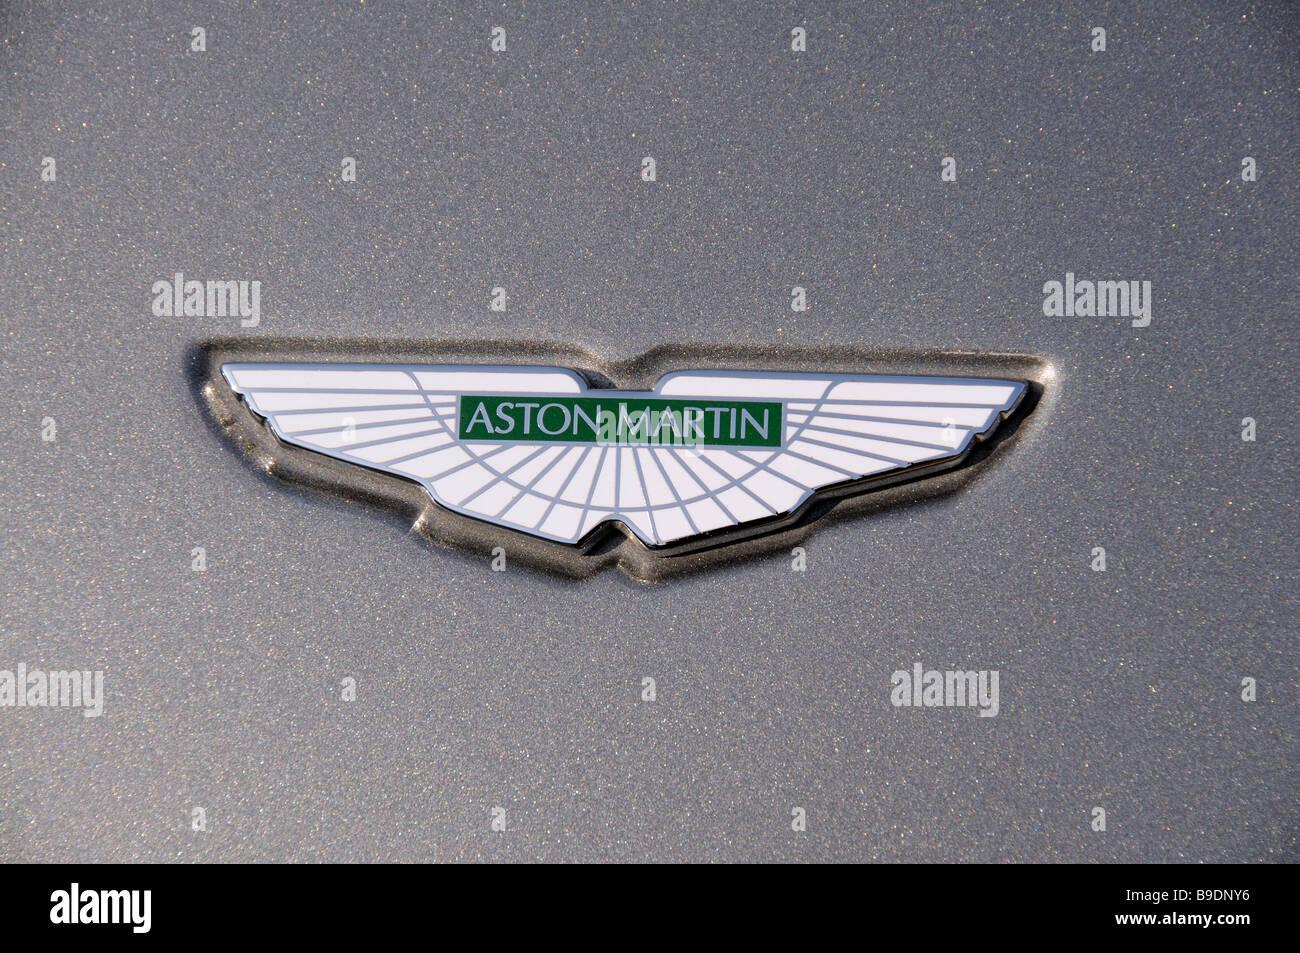 Aston Martin Logo Stock Photos Aston Martin Logo Stock Images Alamy